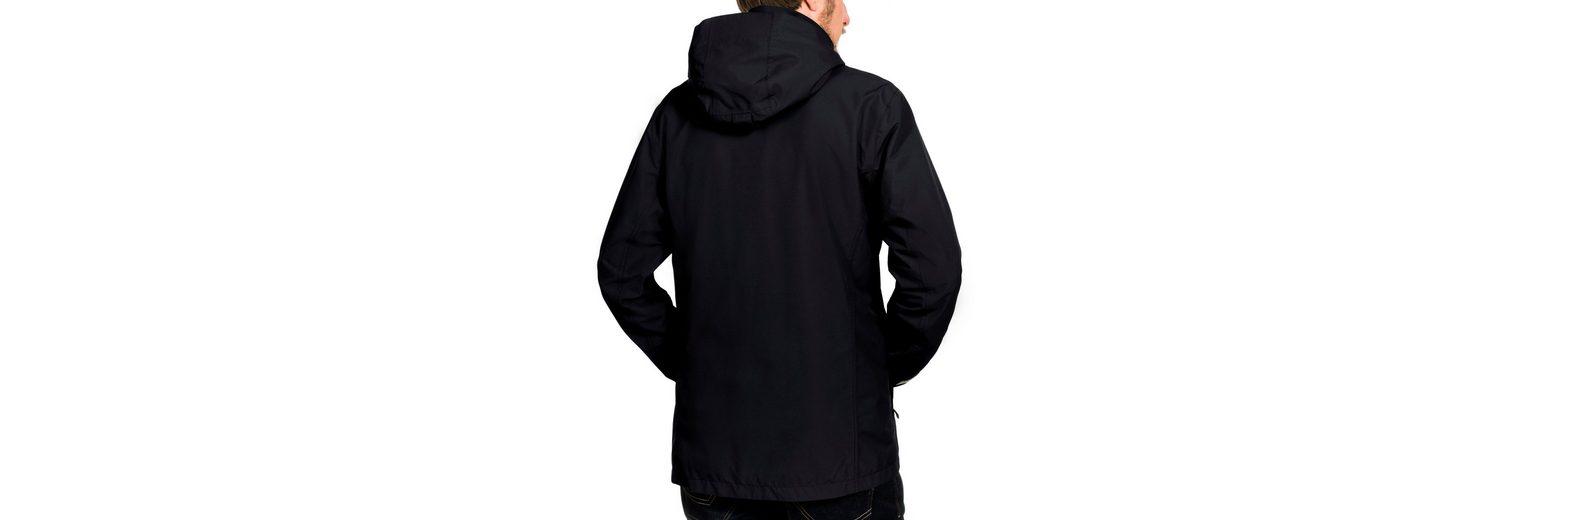 VAUDE Outdoorjacke Idris 3in1 Parka Men Billig 2018 Unisex Neueste Zum Verkauf Verkauf Footaction Verkauf Manchester Großer Verkauf Billig Verkauf Outlet-Store XiMkoLM